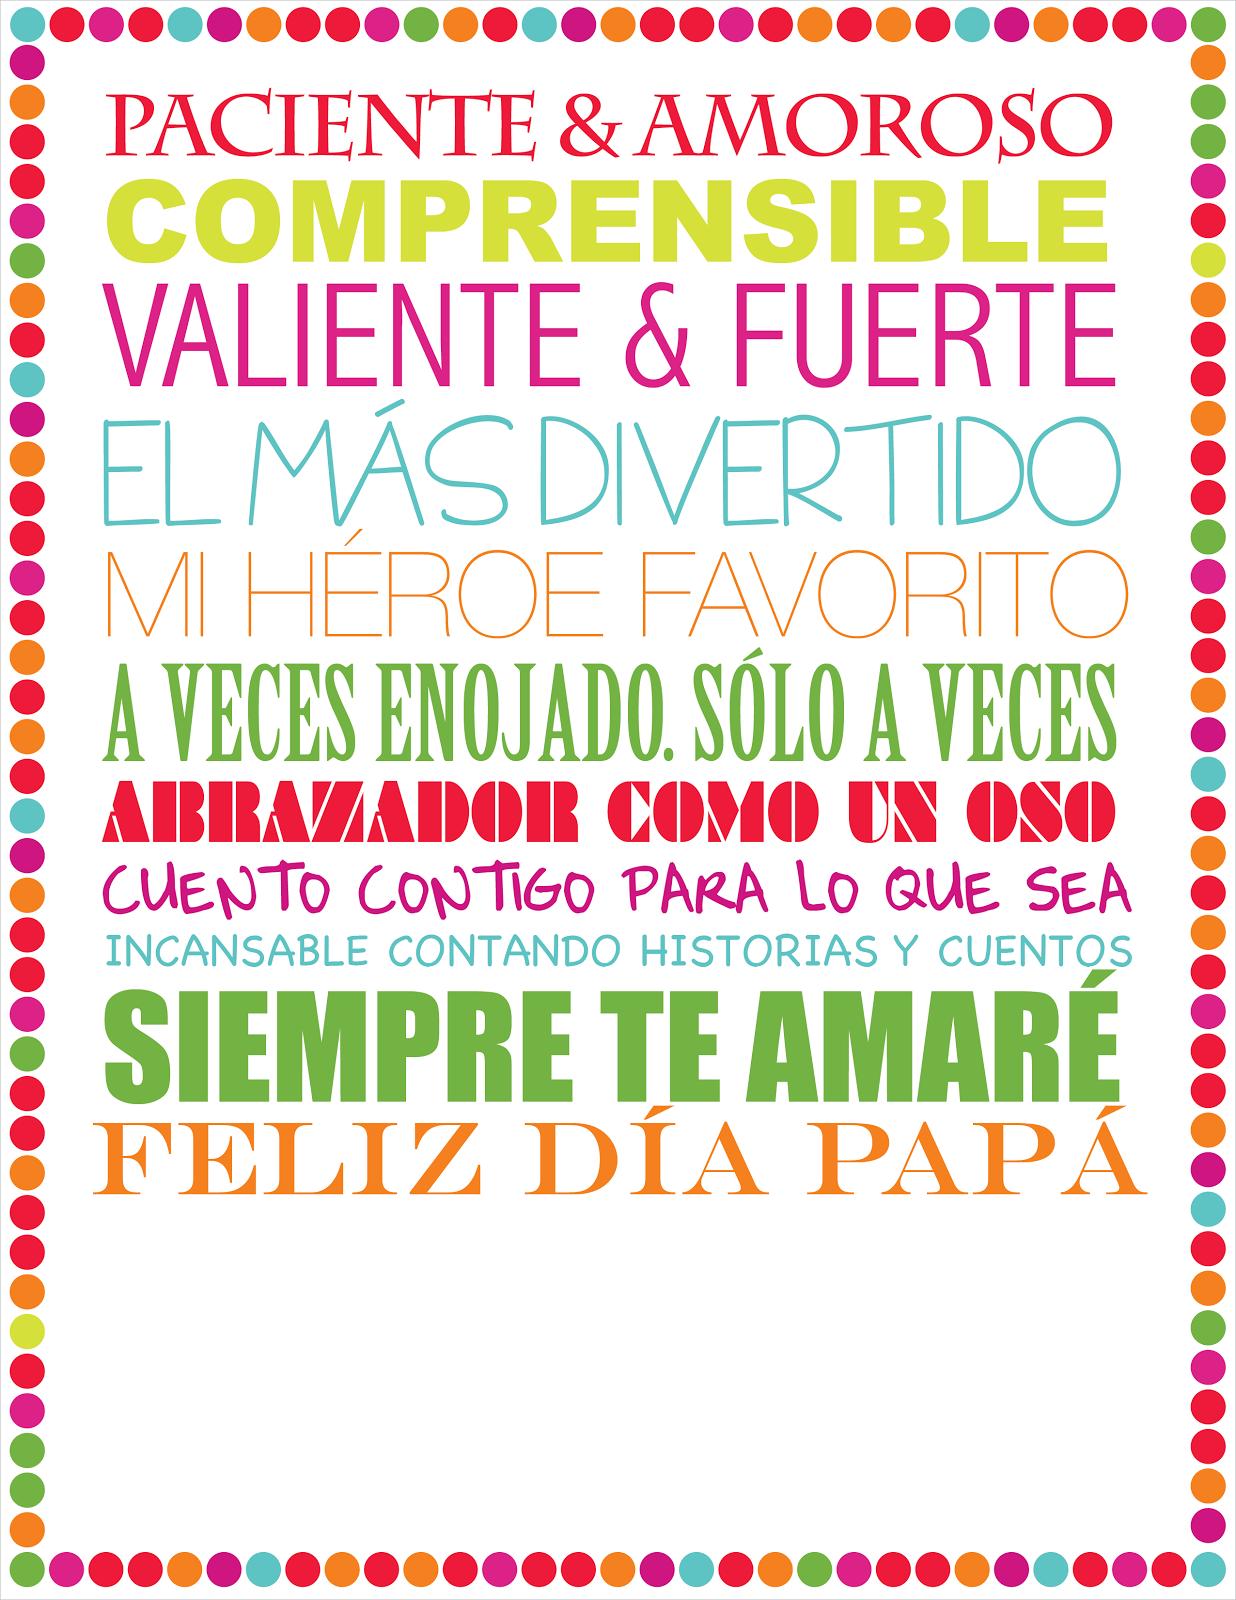 Tarjetas De Cumpleaños Para Felicitar A Papá 2016 Imagenes Y Memes